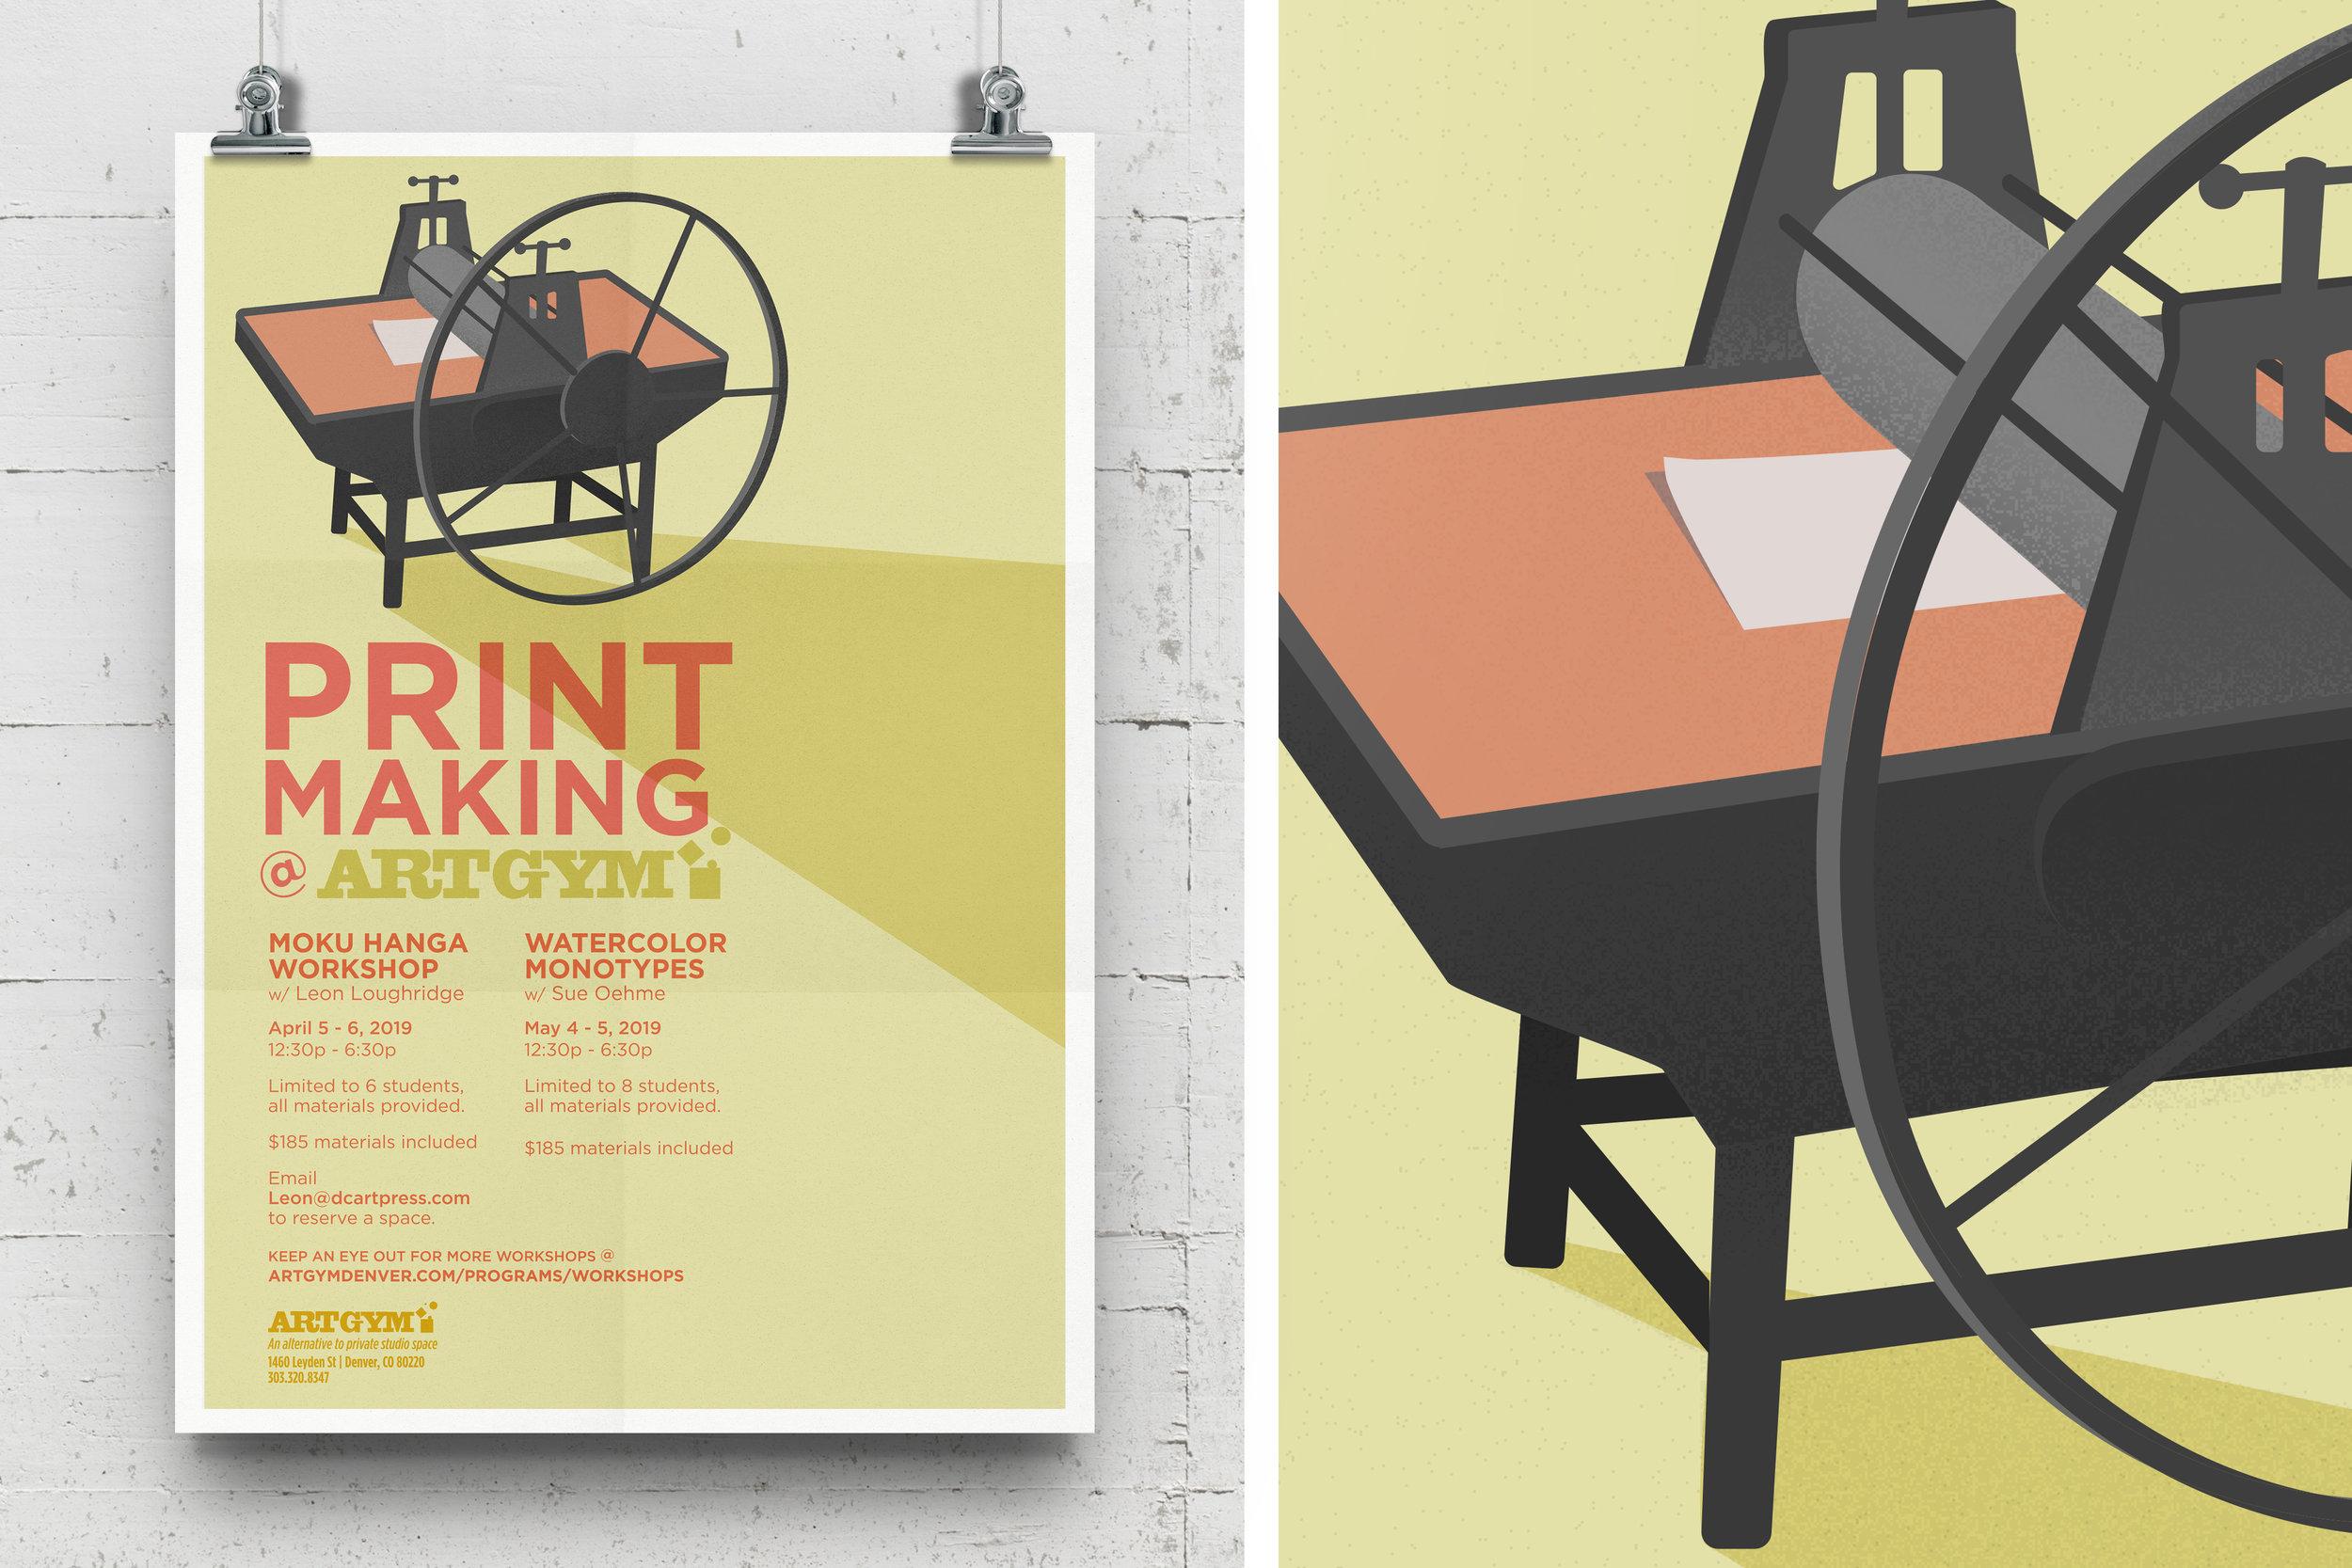 AGD-Printmaker-Workshops-poster.jpg